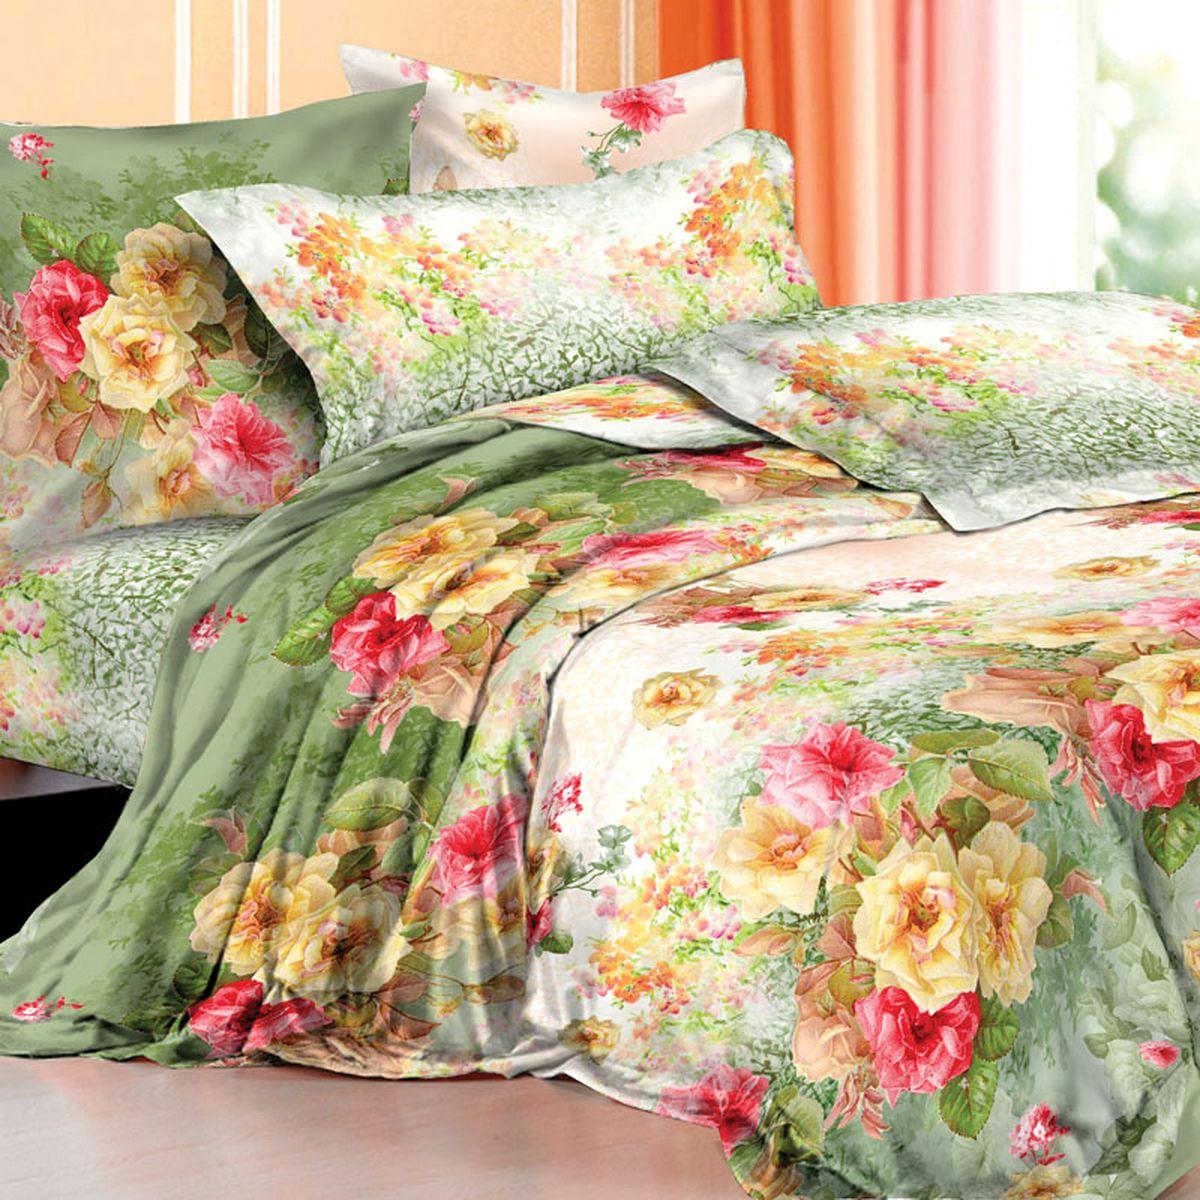 Комплект белья Mona Liza Premium. Armide, 1.5-спальный, наволочки 70х705047/10Комплект постельного белья Mona Liza выполнен из сатина (100% хлопок), состоит из пододеяльника, простыни и двух наволочек. Изделия оформлены цветочным принтом и декоративной отделкой. Такой изящный комплект, упакованный в чемоданчик, подойдет для любого стилевого и цветового решения интерьера, а также создаст в доме уют.Советы по выбору постельного белья от блогера Ирины Соковых. Статья OZON Гид